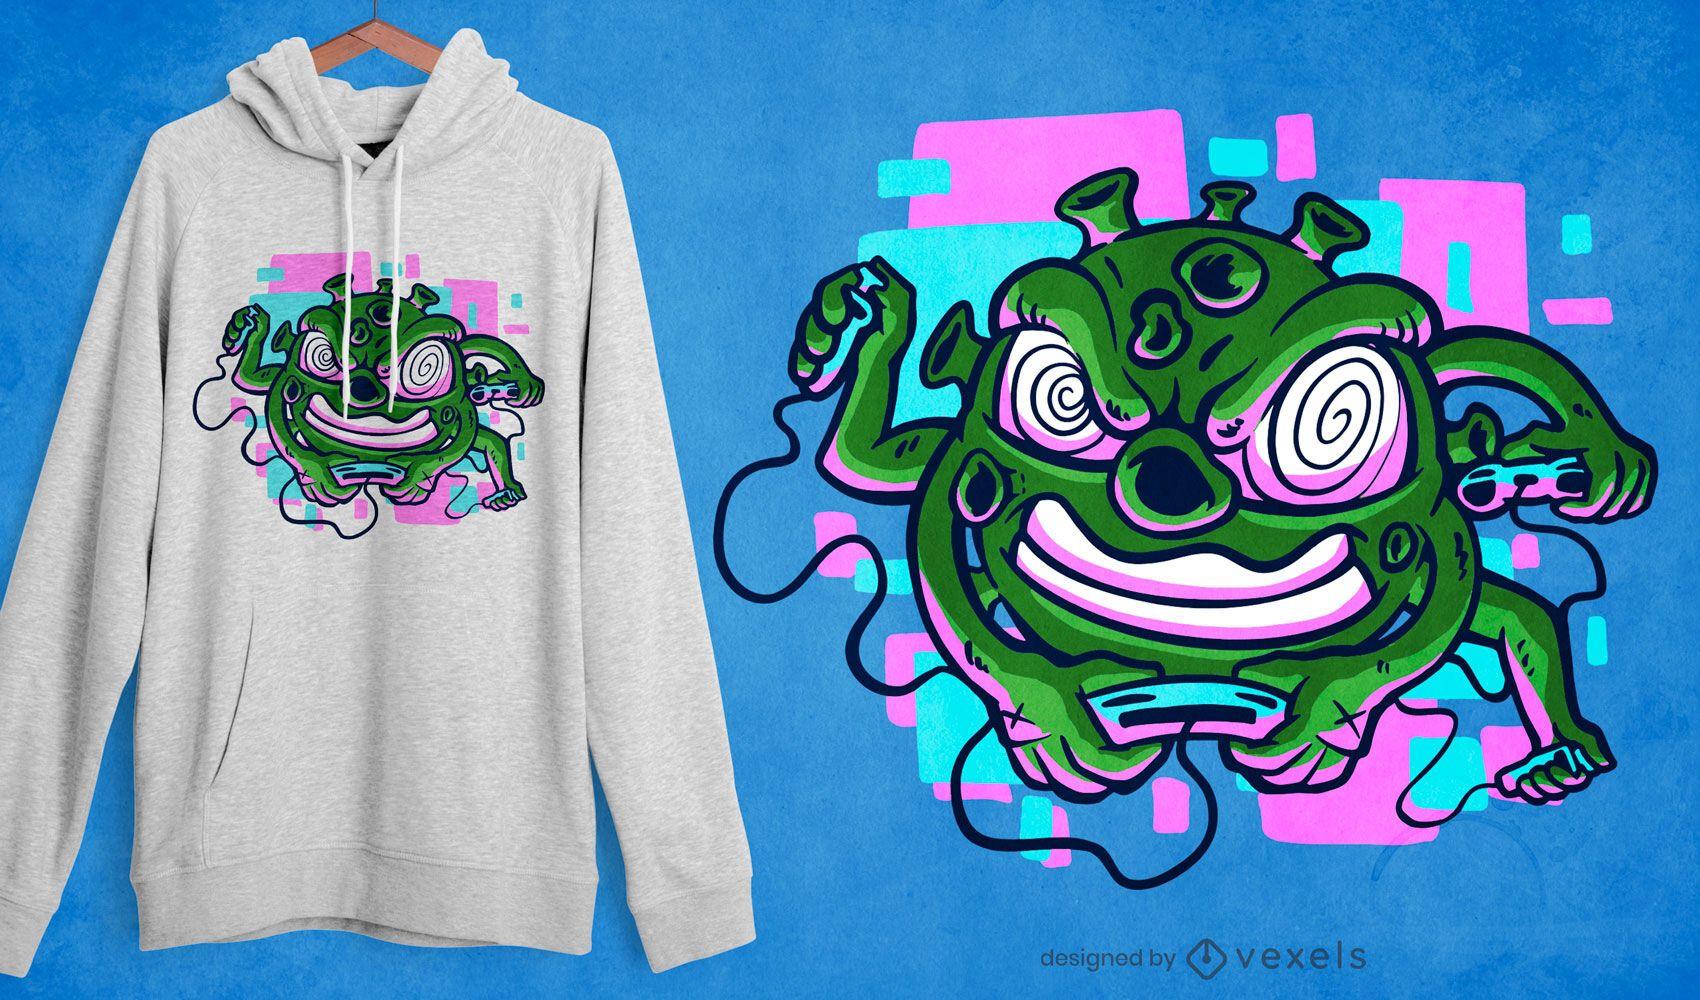 Coronavirus gaming t-shirt design